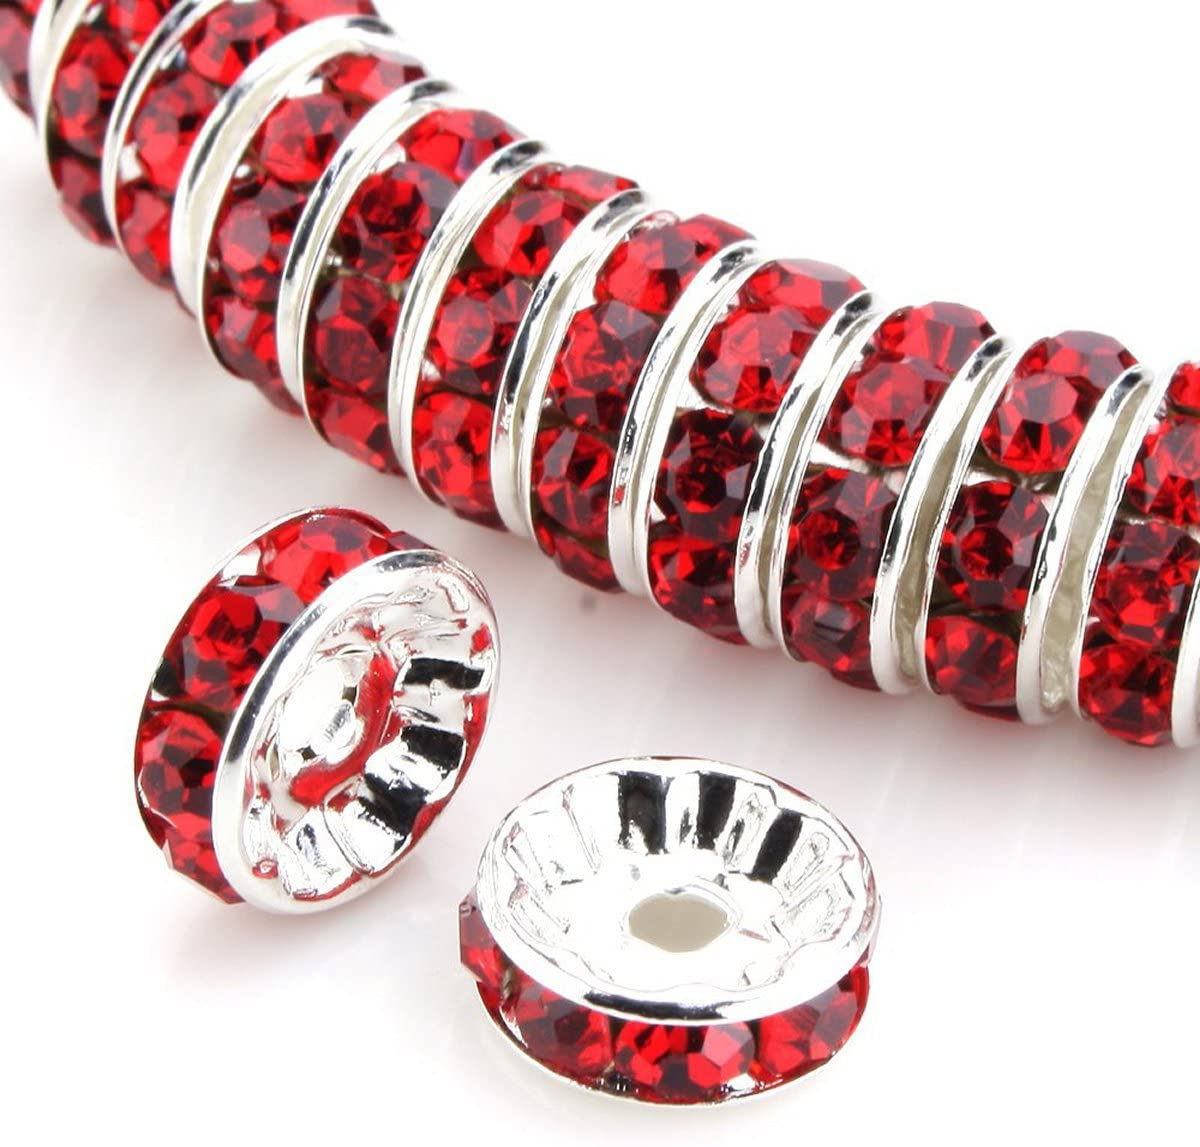 100 piezas de 12 mm de color rojo Siam claro AAA+ chapado en plata de cobre Rondelle espaciador redondo de cuentas sueltas de cristal austriaco para fabricación de joyas y manualidades CF3-1206